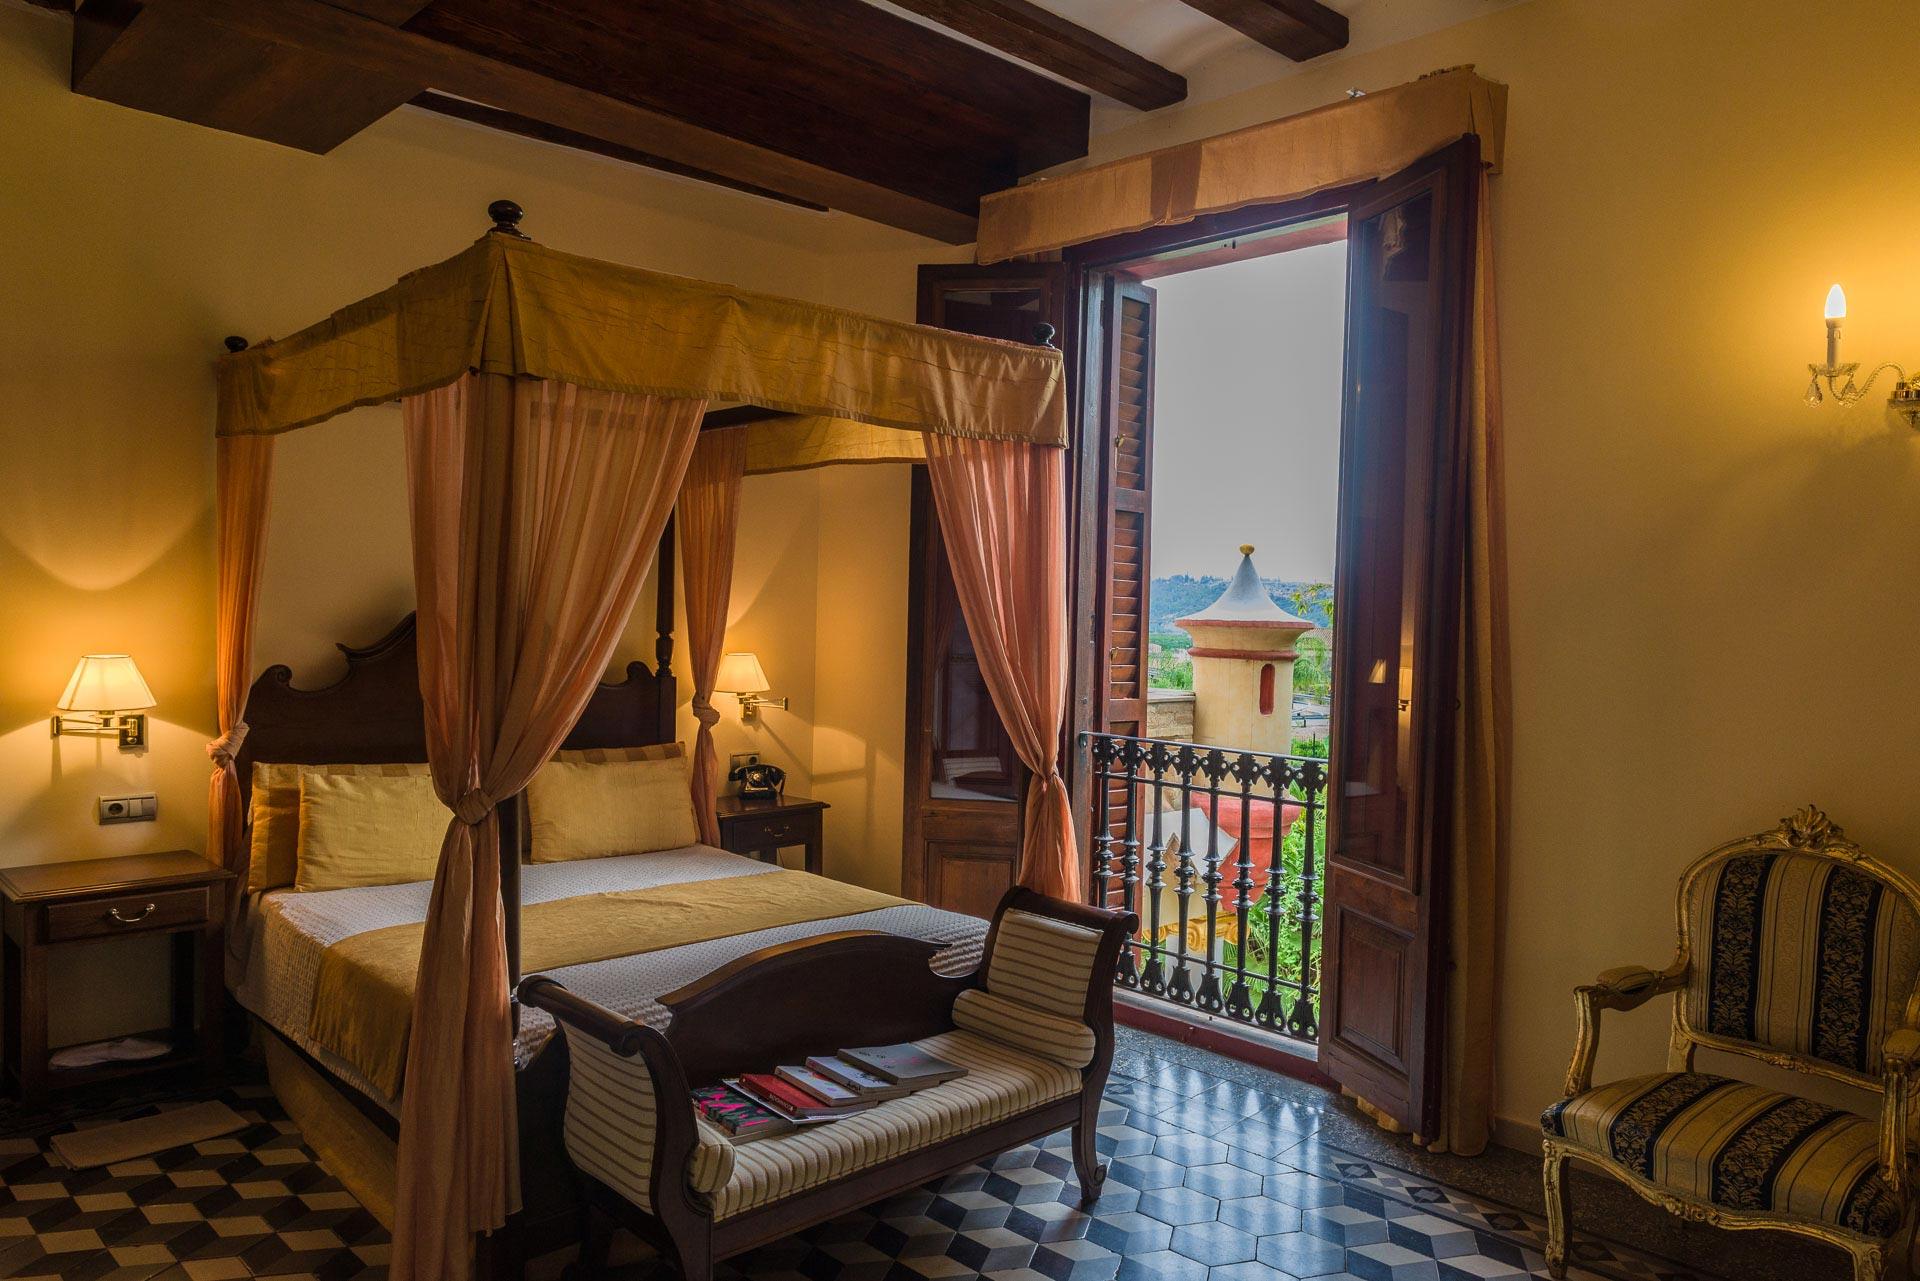 Hotel Villa Retiro 5 estrellas Xerta Terres de l'Ebre